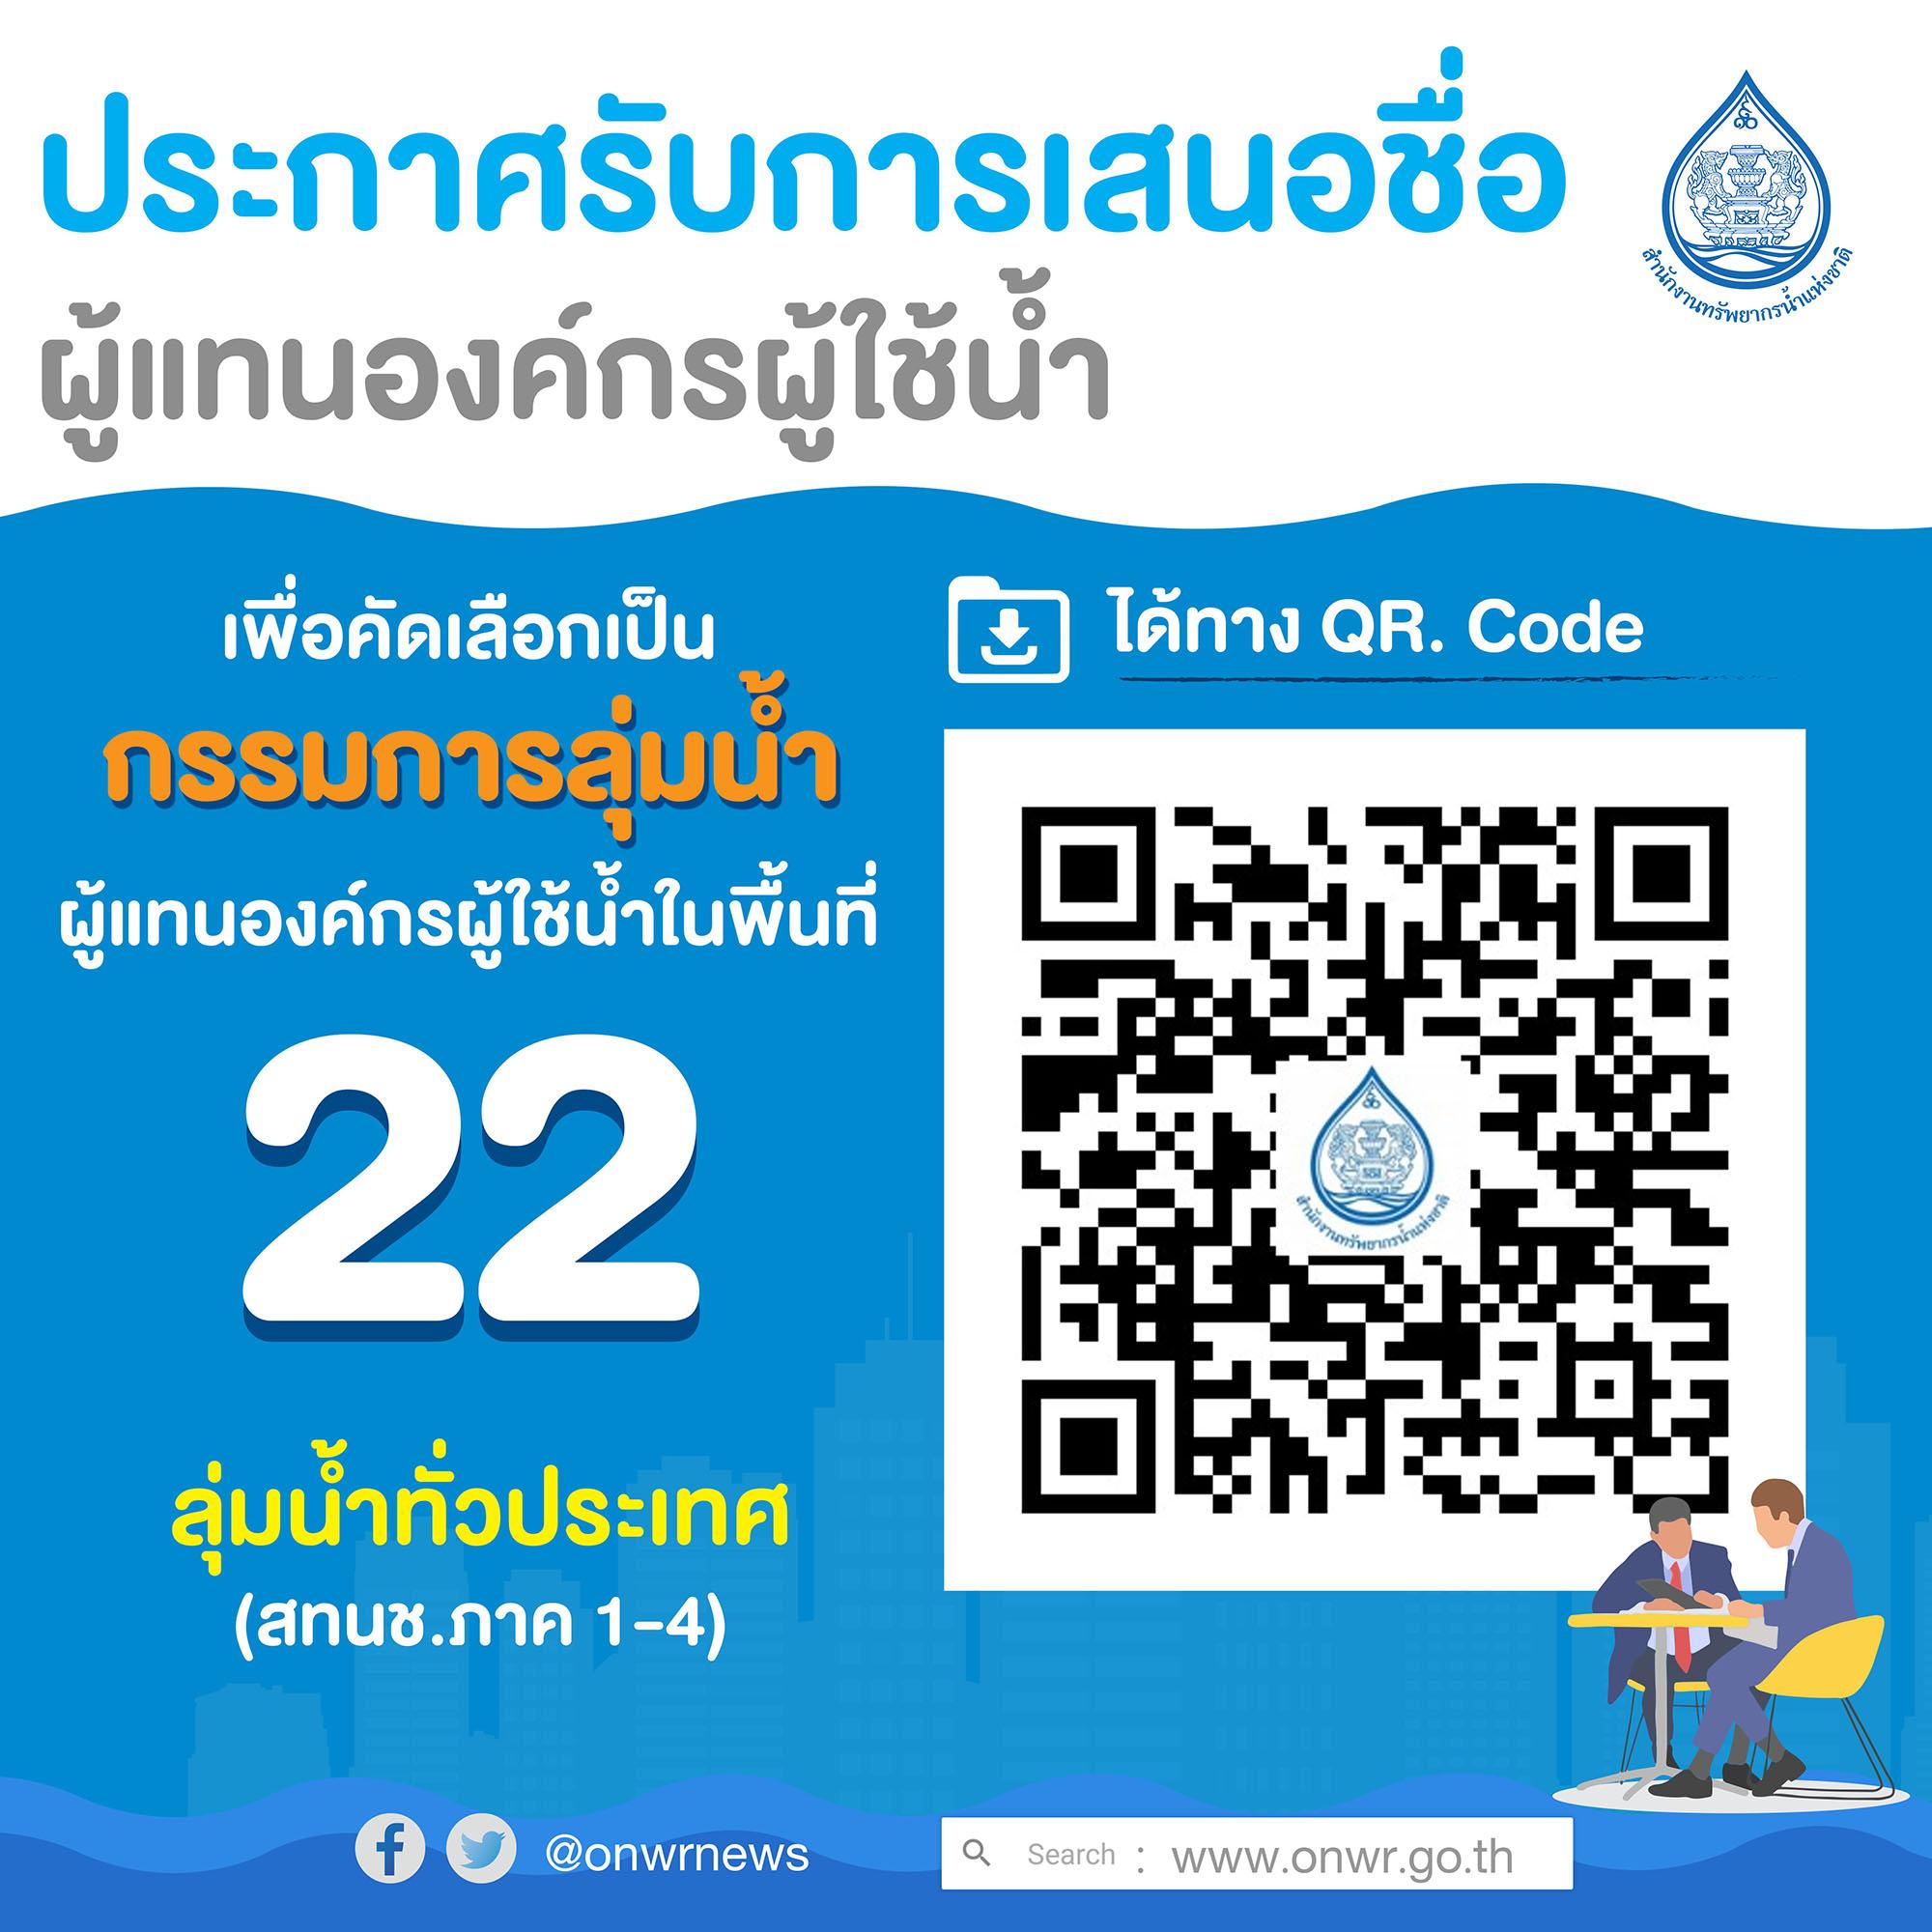 สทนช. เปิดรับเสนอชื่อผู้แทนองค์กรผู้ใช้น้ำเข้าสู่กระบวนการคัดเลือกกรรมการลุ่มน้ำตั้งแต่วันที่ 1- 31 กรกฎาคมนี้